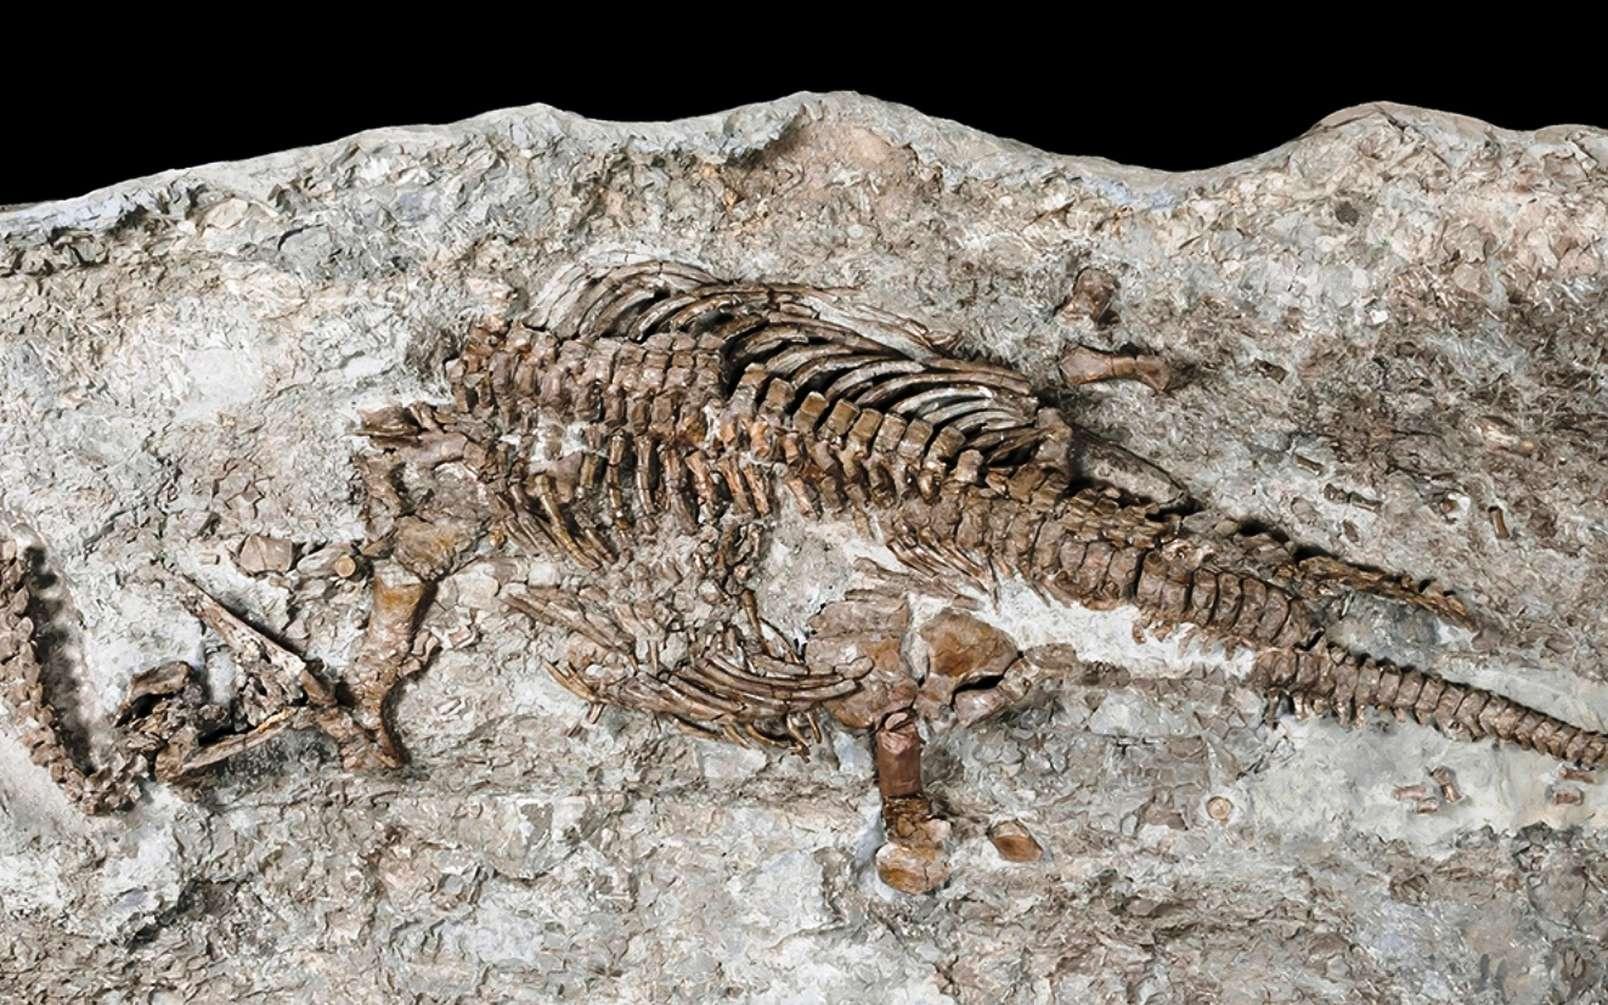 Le plus ancien plésiosaure découvert avait le sang chaud. Ici, le squelette de Rhaeticosaurus mertensi. © Georg Oleschinski